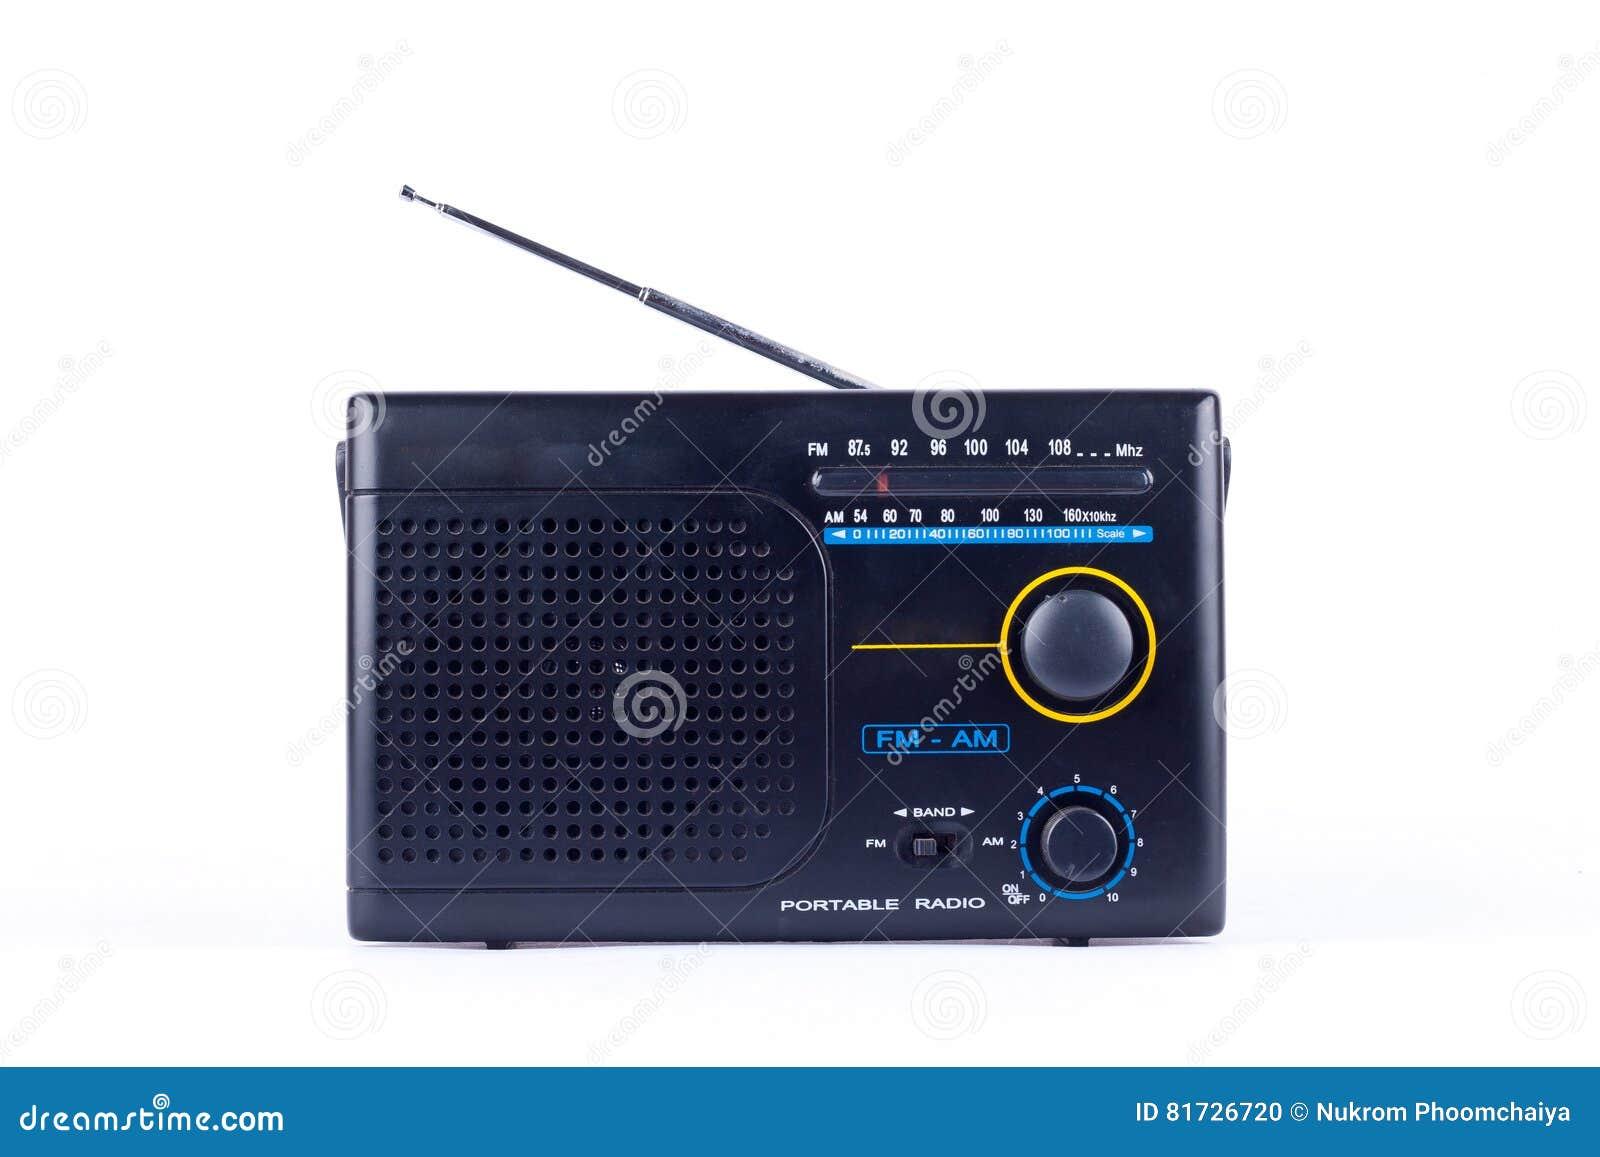 Estilo retro AM do vintage preto velho, receptor do transistor do rádio portátil de FM no fundo branco isolado